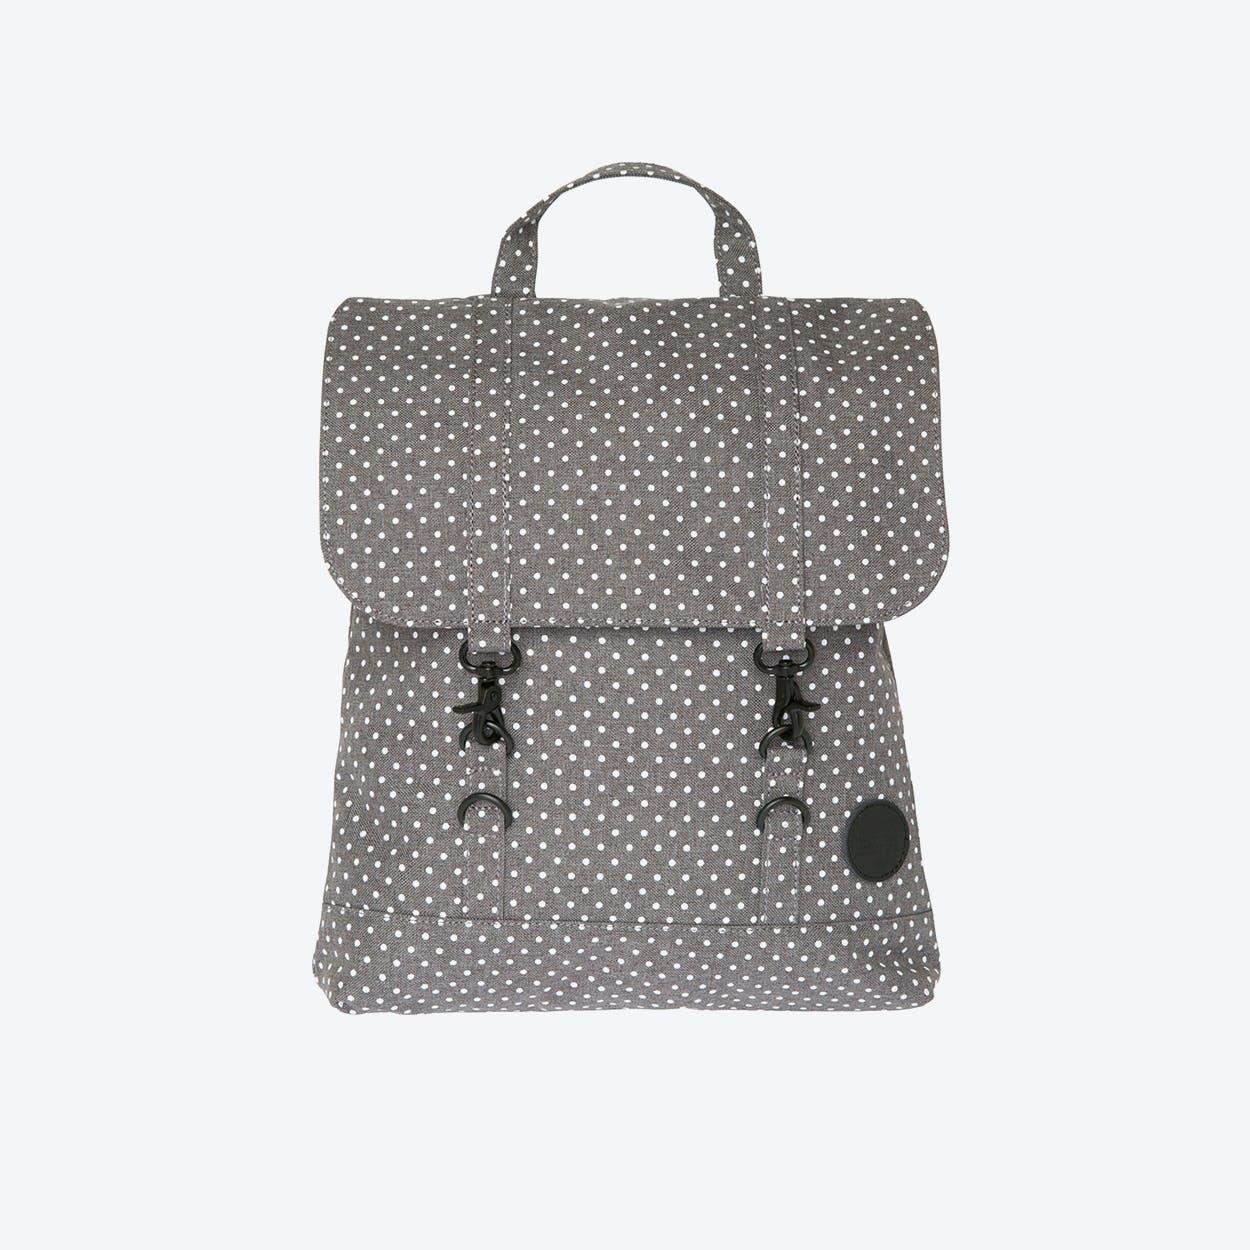 City Backpack Mini in Melange Grey & White Dot